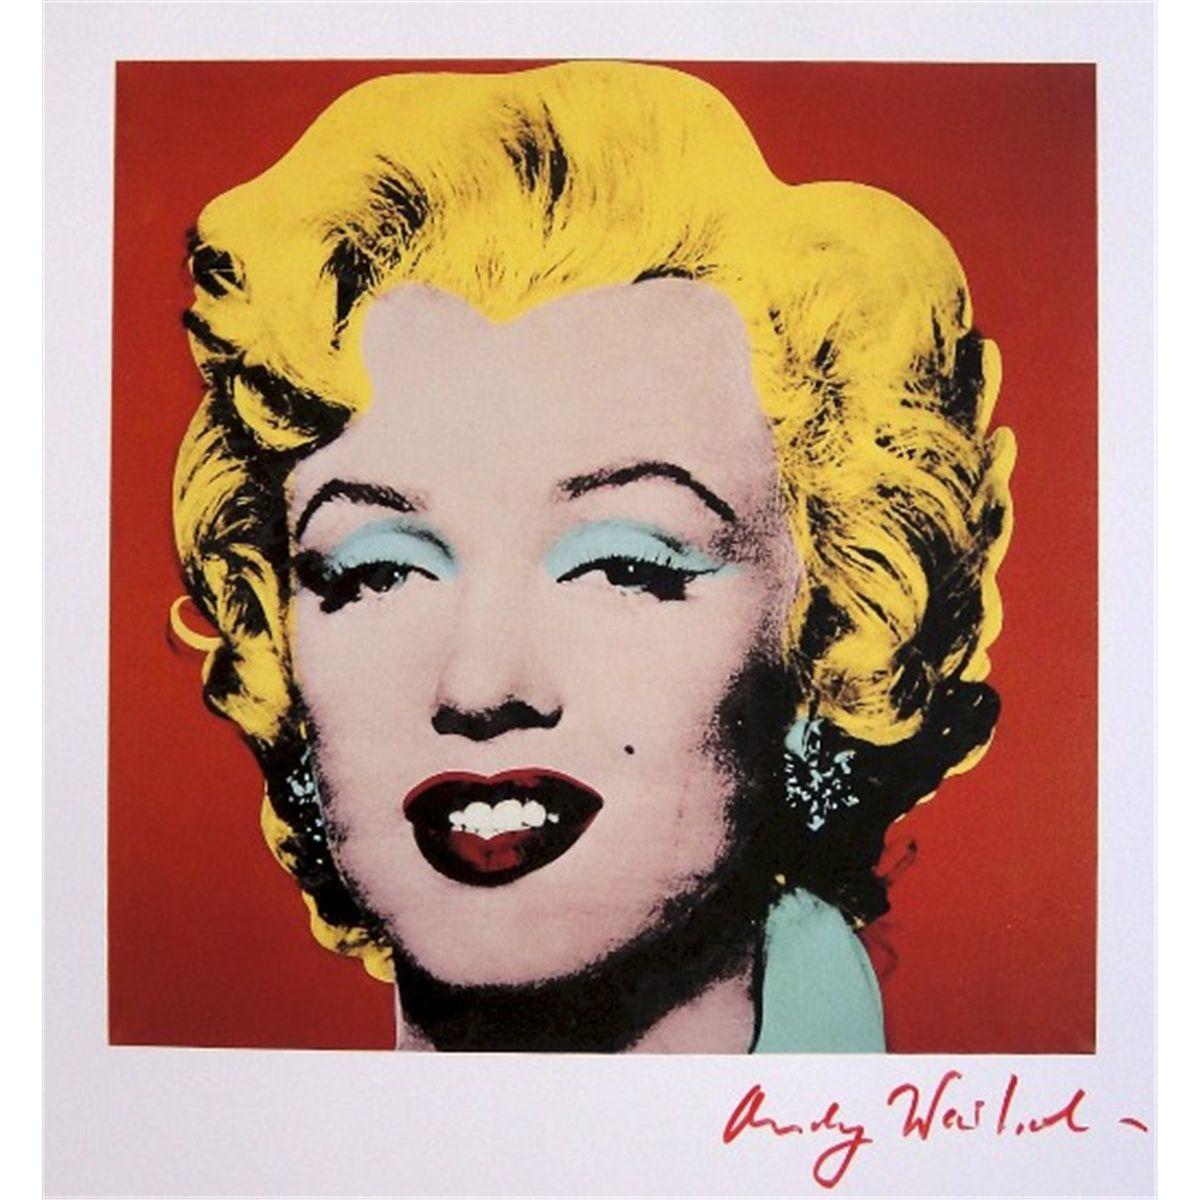 http://3.bp.blogspot.com/-85l0ohfb89E/UKkJmzjClFI/AAAAAAAADGU/O8bJAELGAA8/s1600/andy-warhol-red-shot-marilyn-monroe-painting.jpg